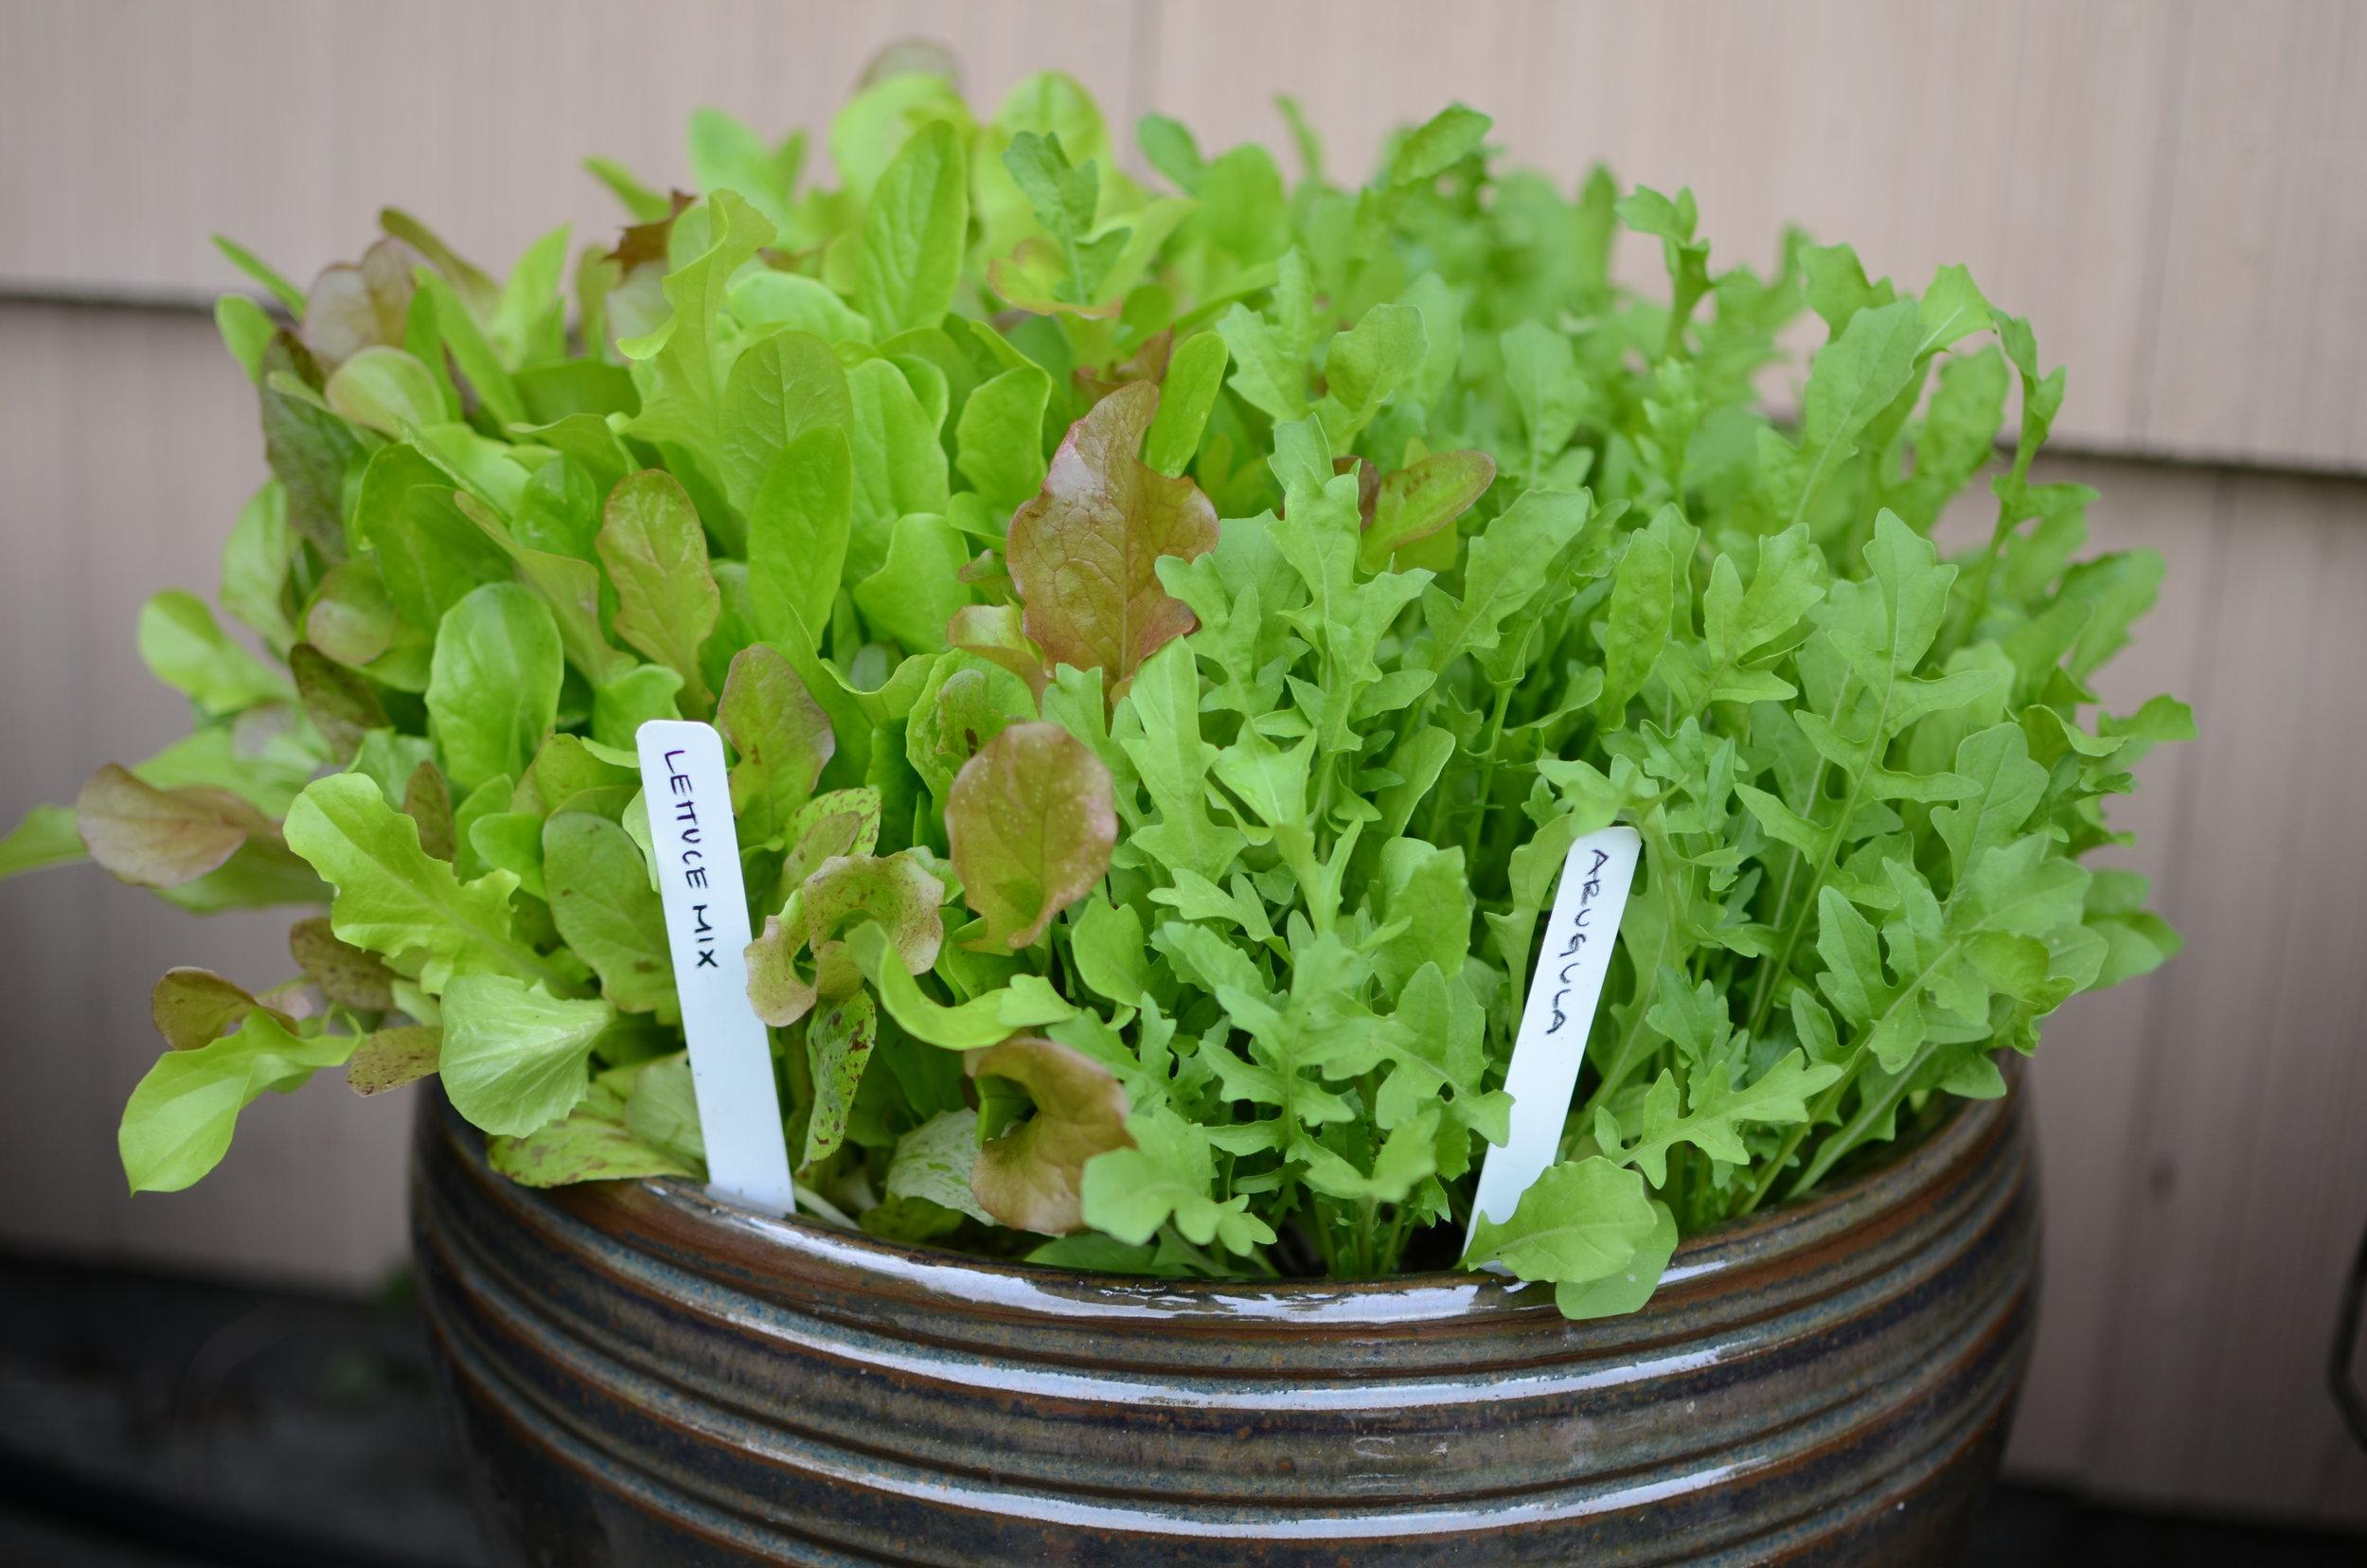 Salad Greens in a pot